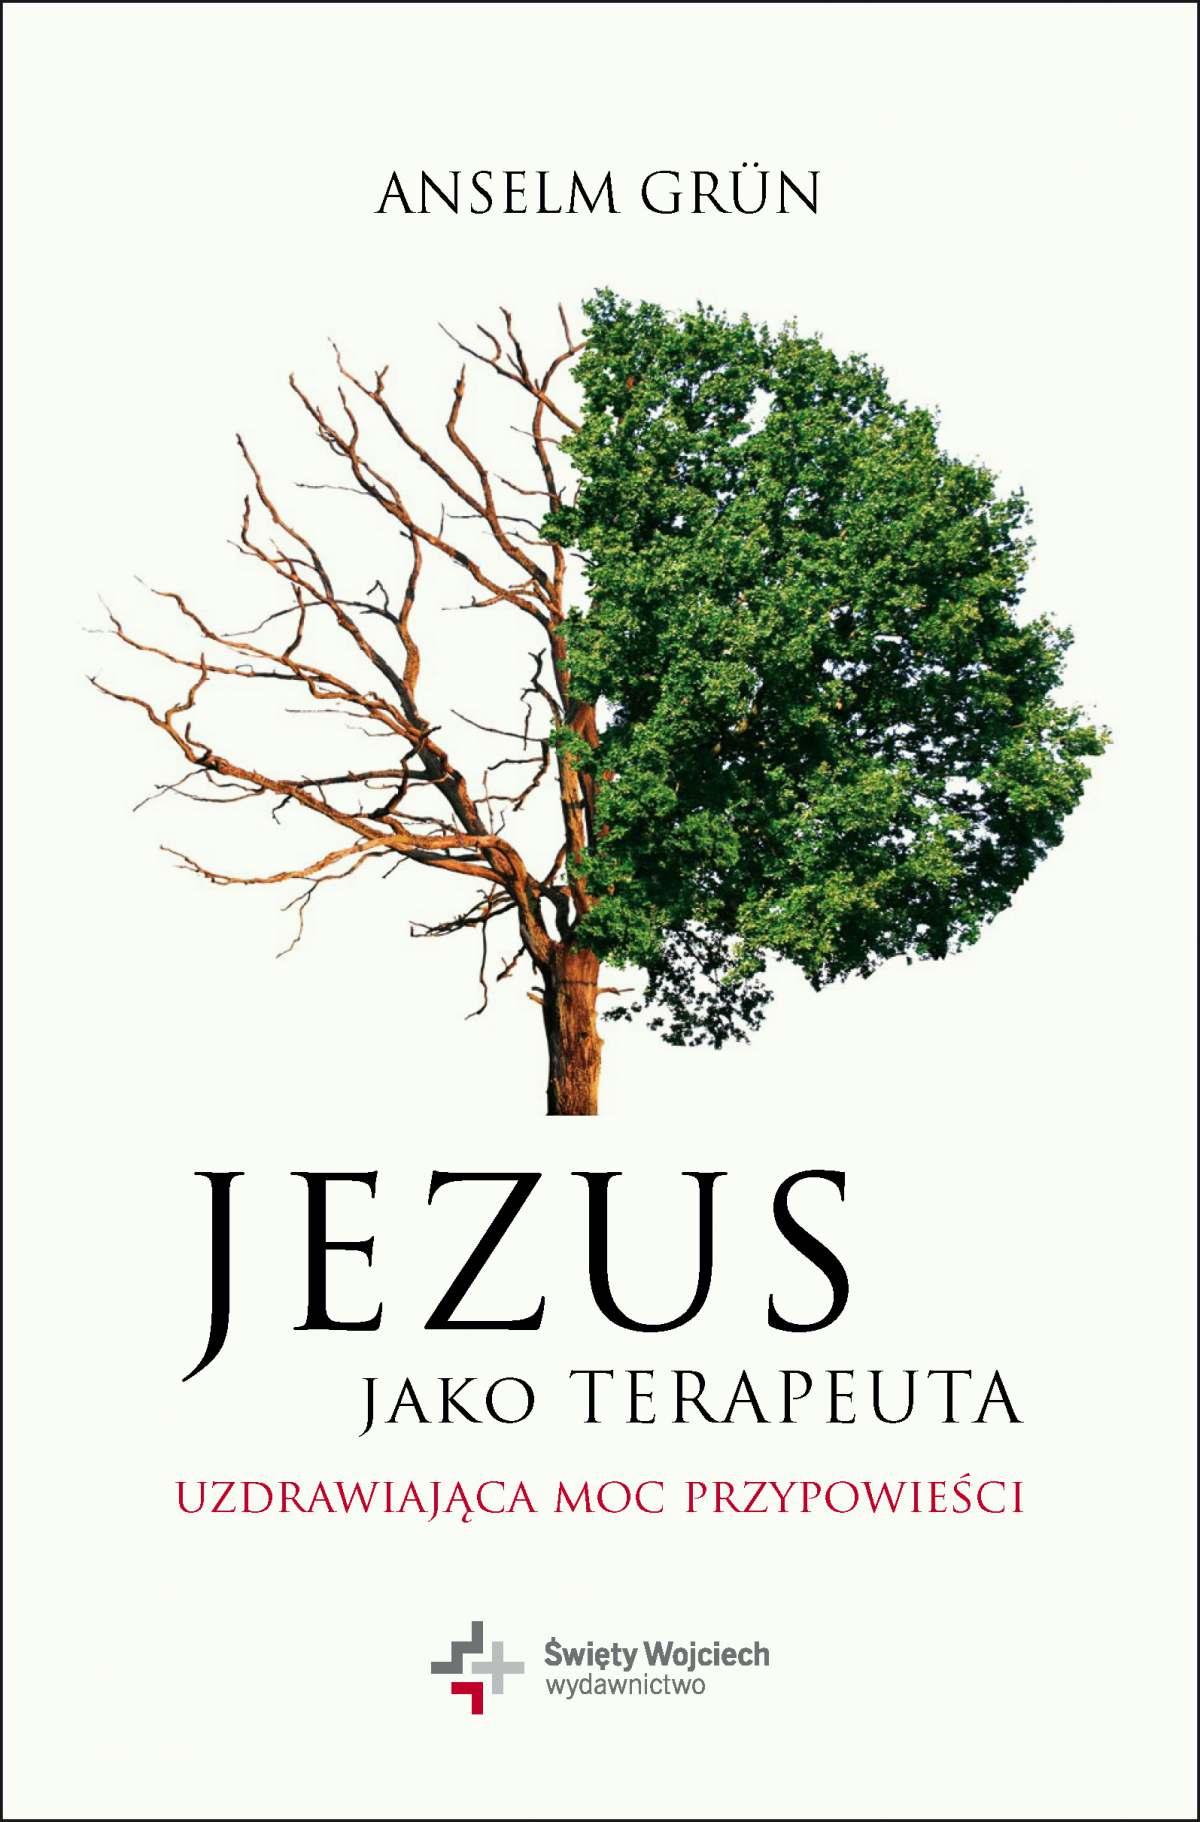 Jezus jako terapeuta. Uzdrawiająca moc przypowieści - Ebook (Książka EPUB) do pobrania w formacie EPUB